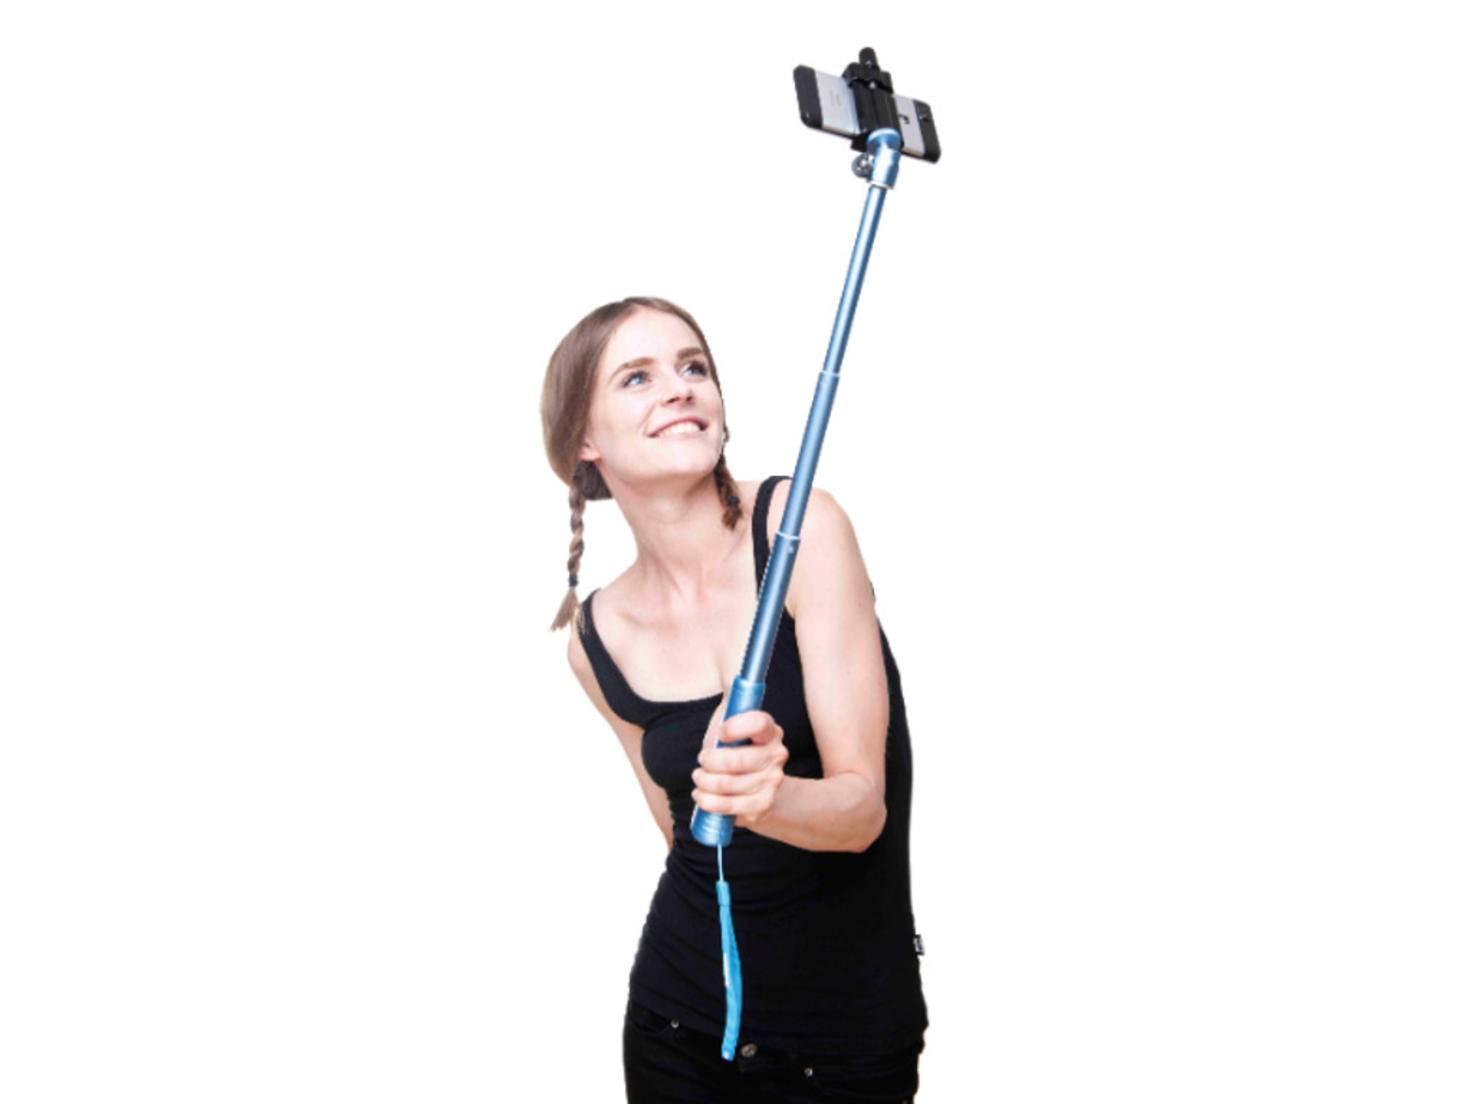 Der Rollei Selfie-Stick ist in verschiedenen Farben erhältich.